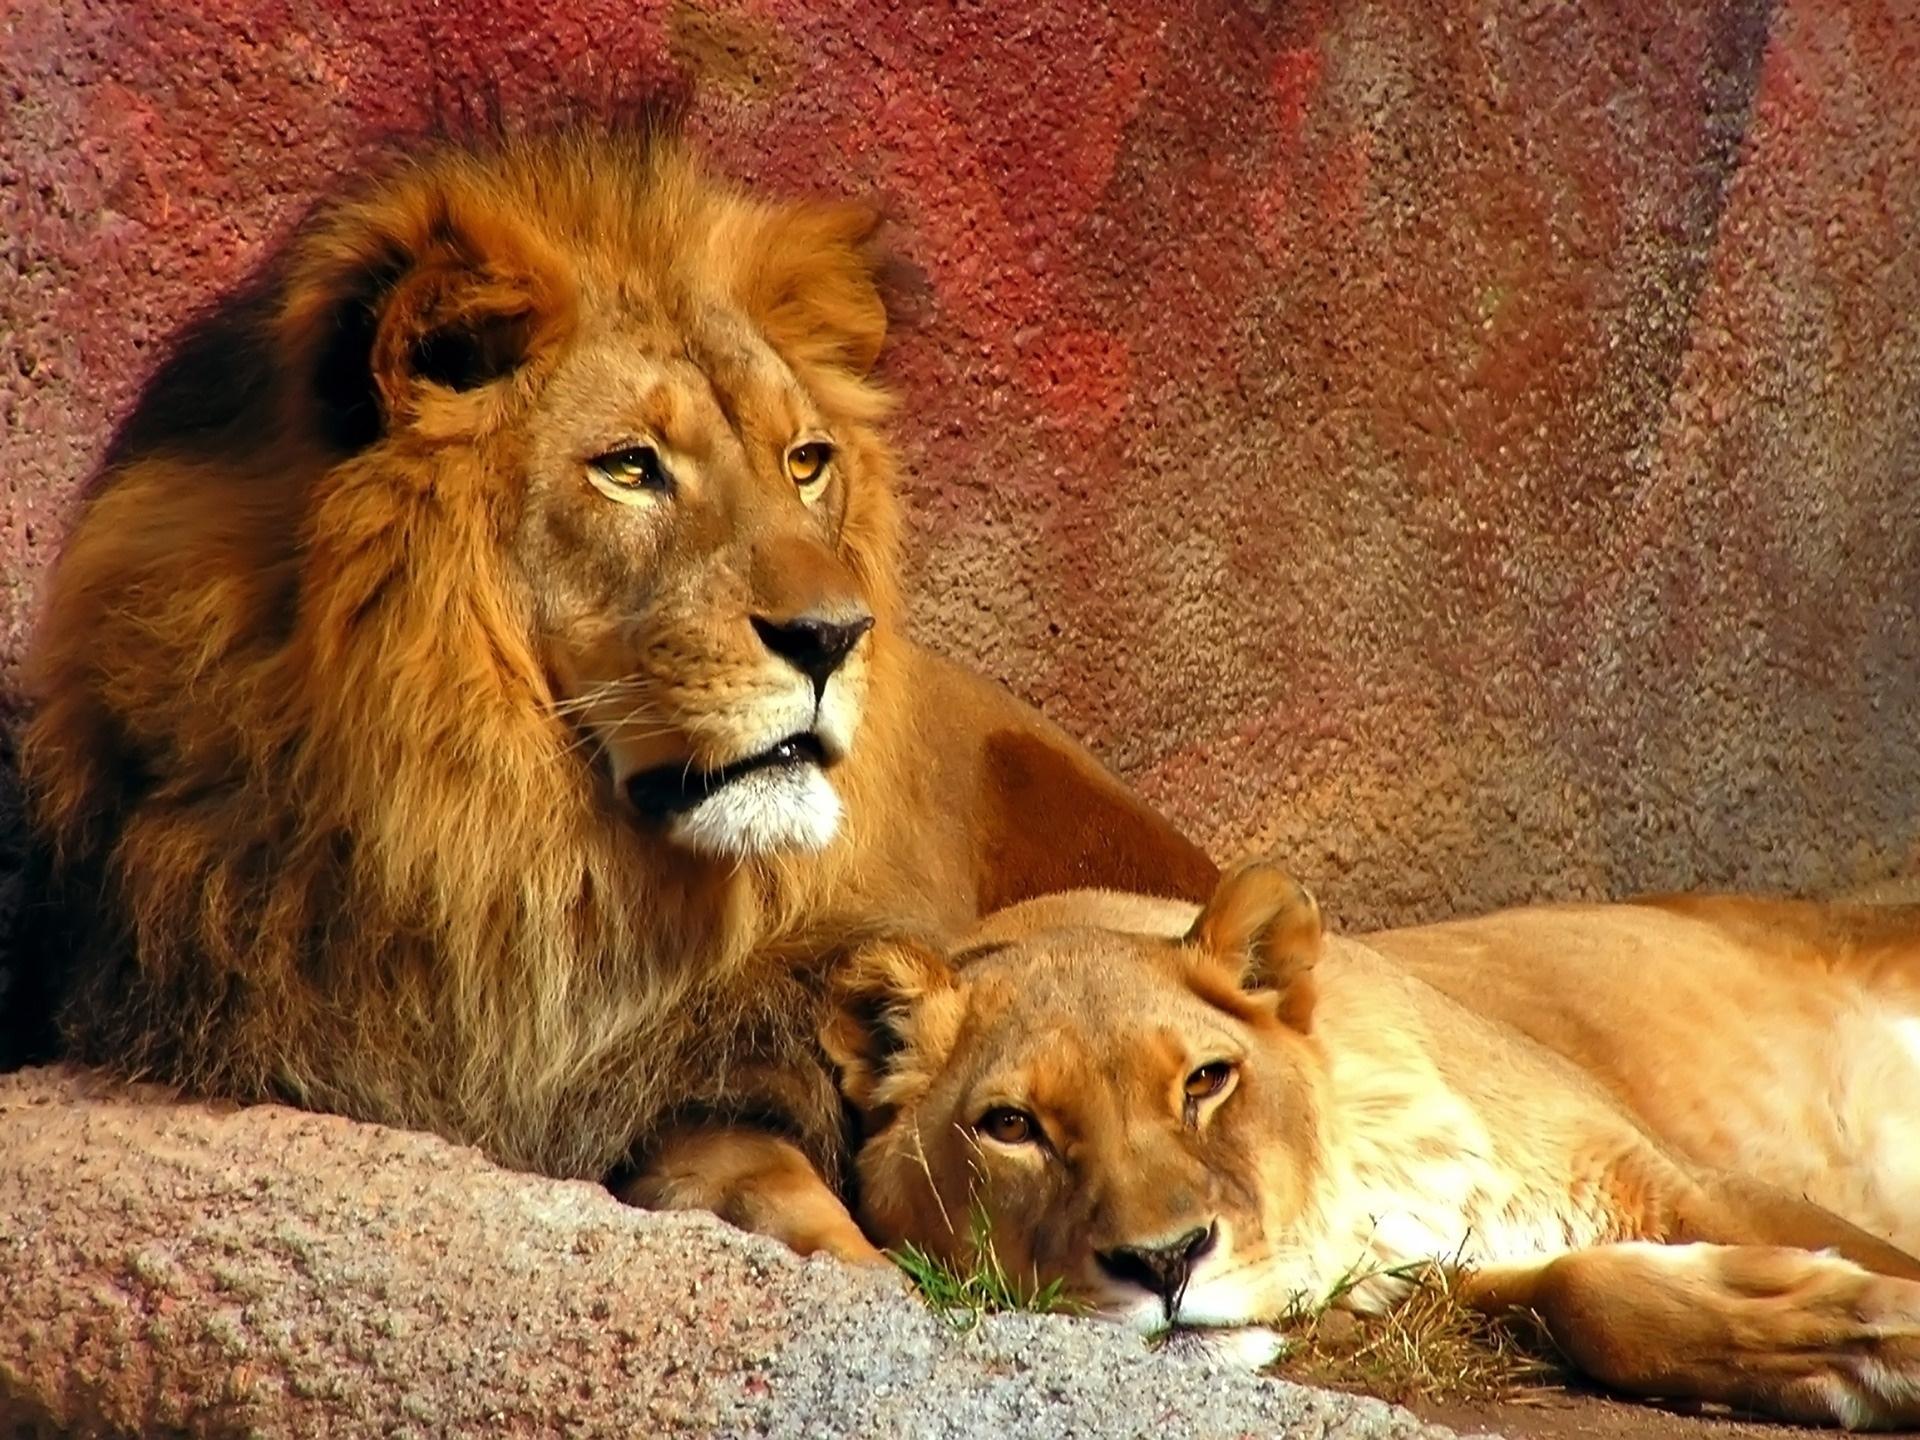 картинки львиные пары всего